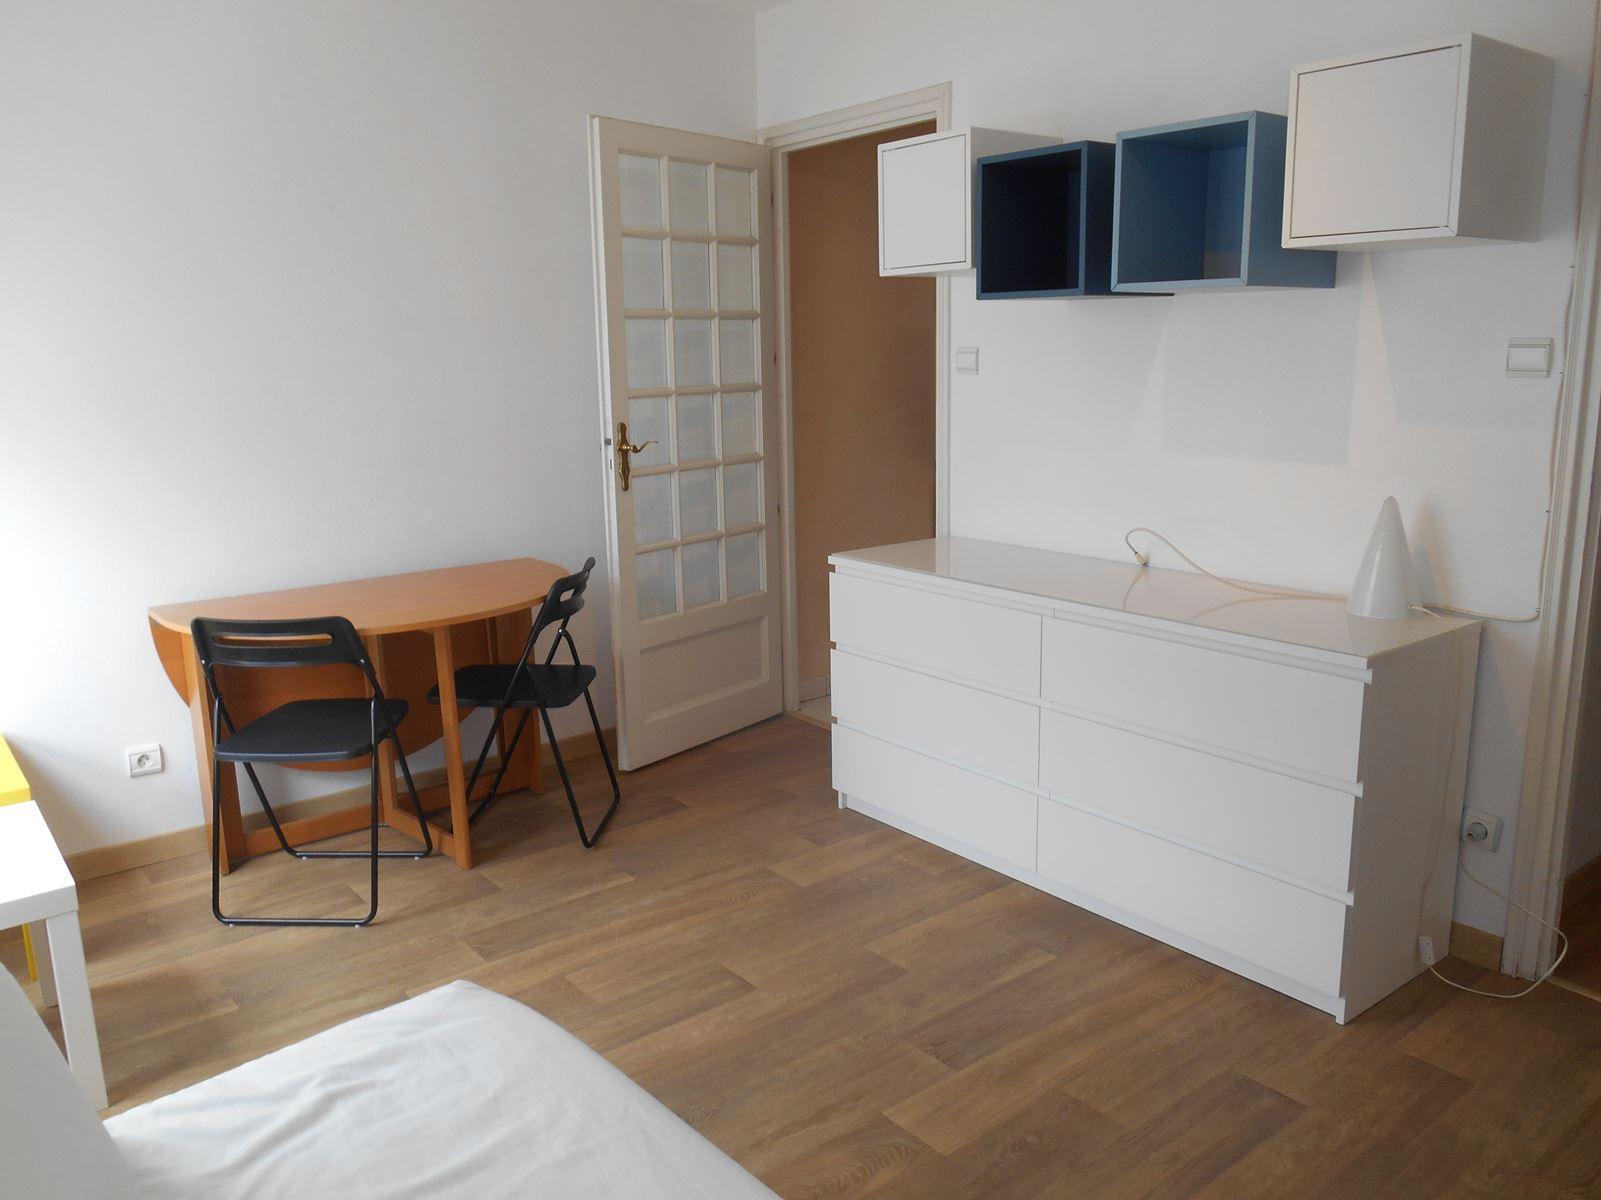 Lumineux studio meublé – Neudorf / rue de Wesserling - nos locations - Beausite Immobilier 2